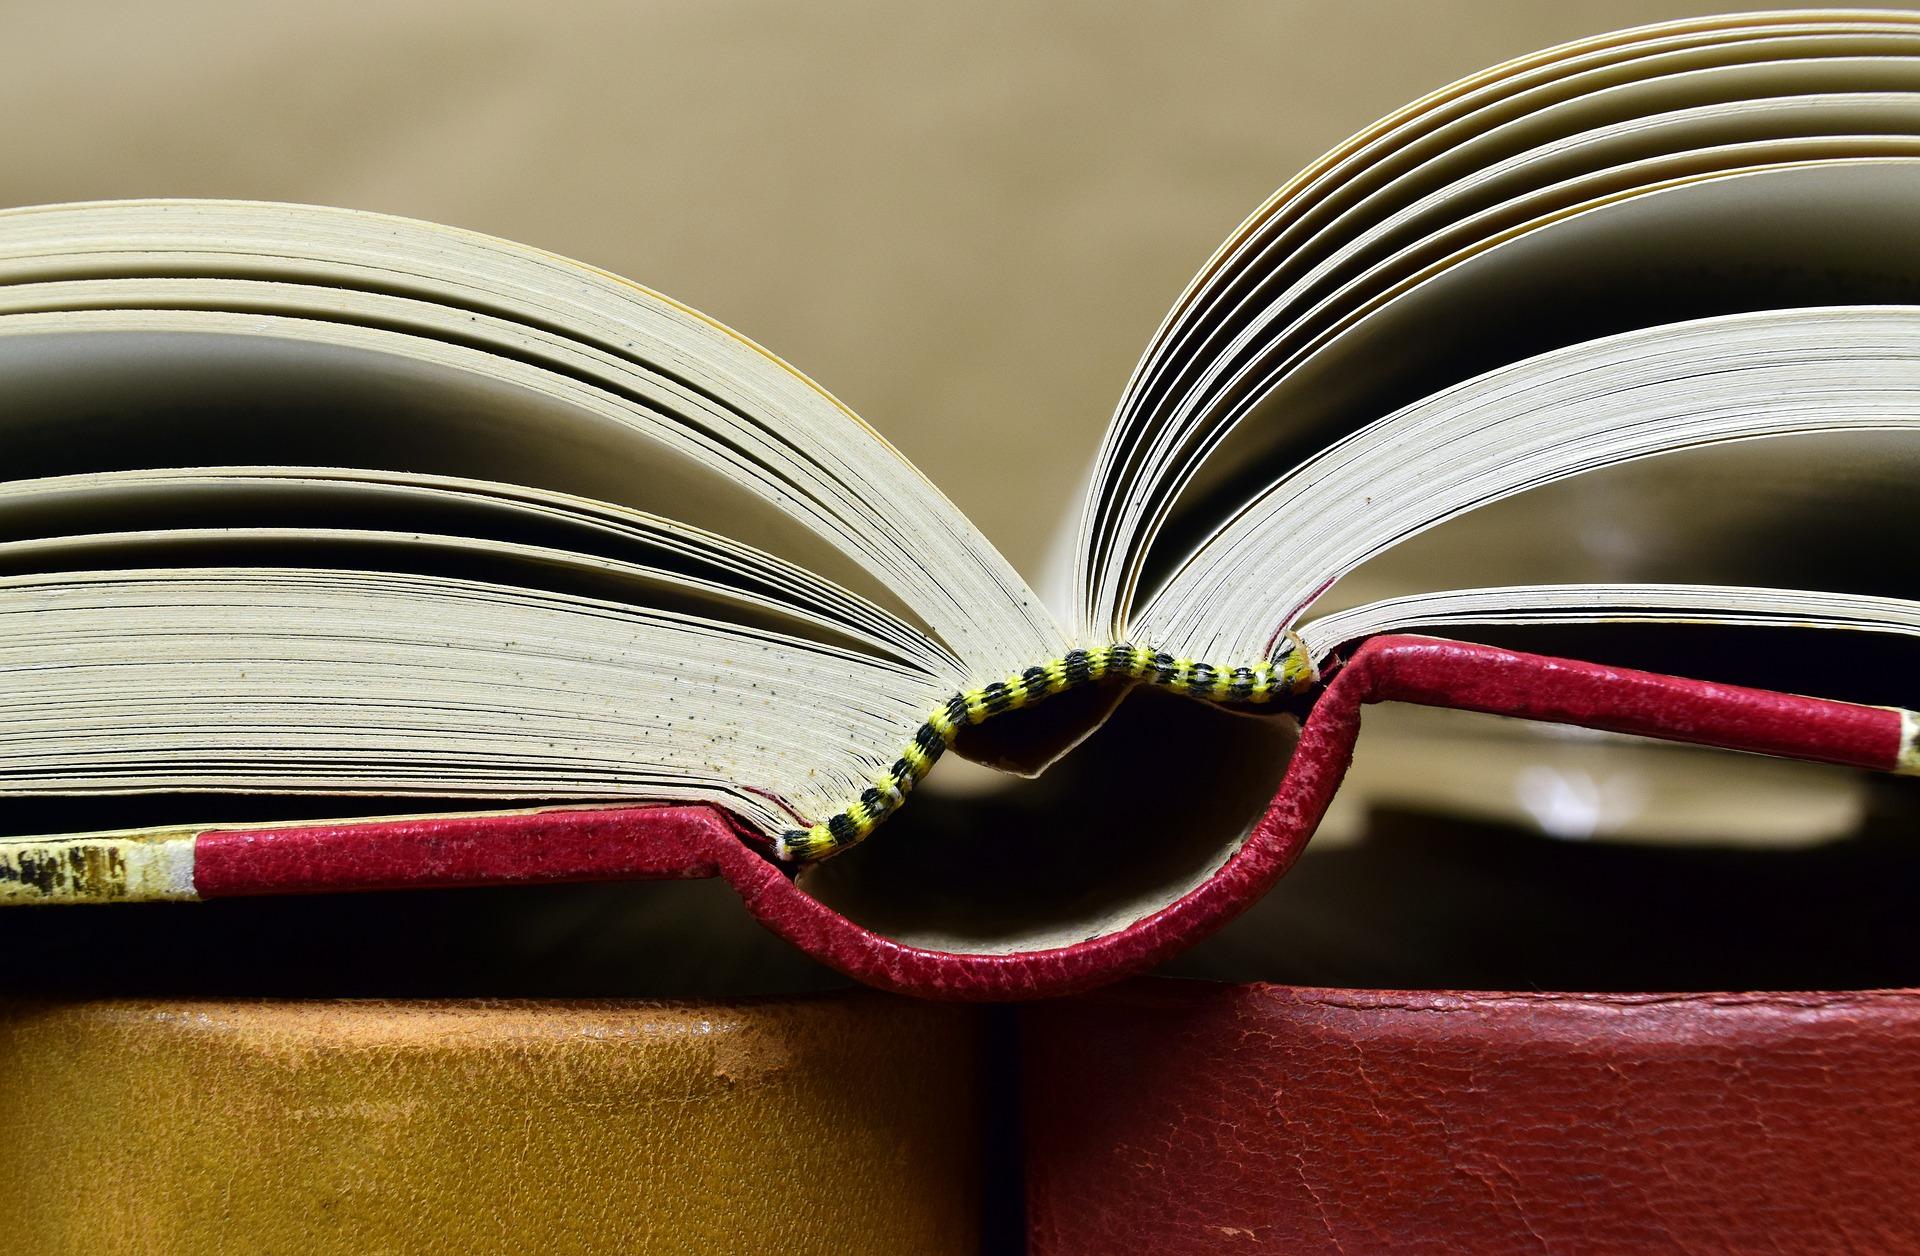 開いている状態の本を横から撮影した様子